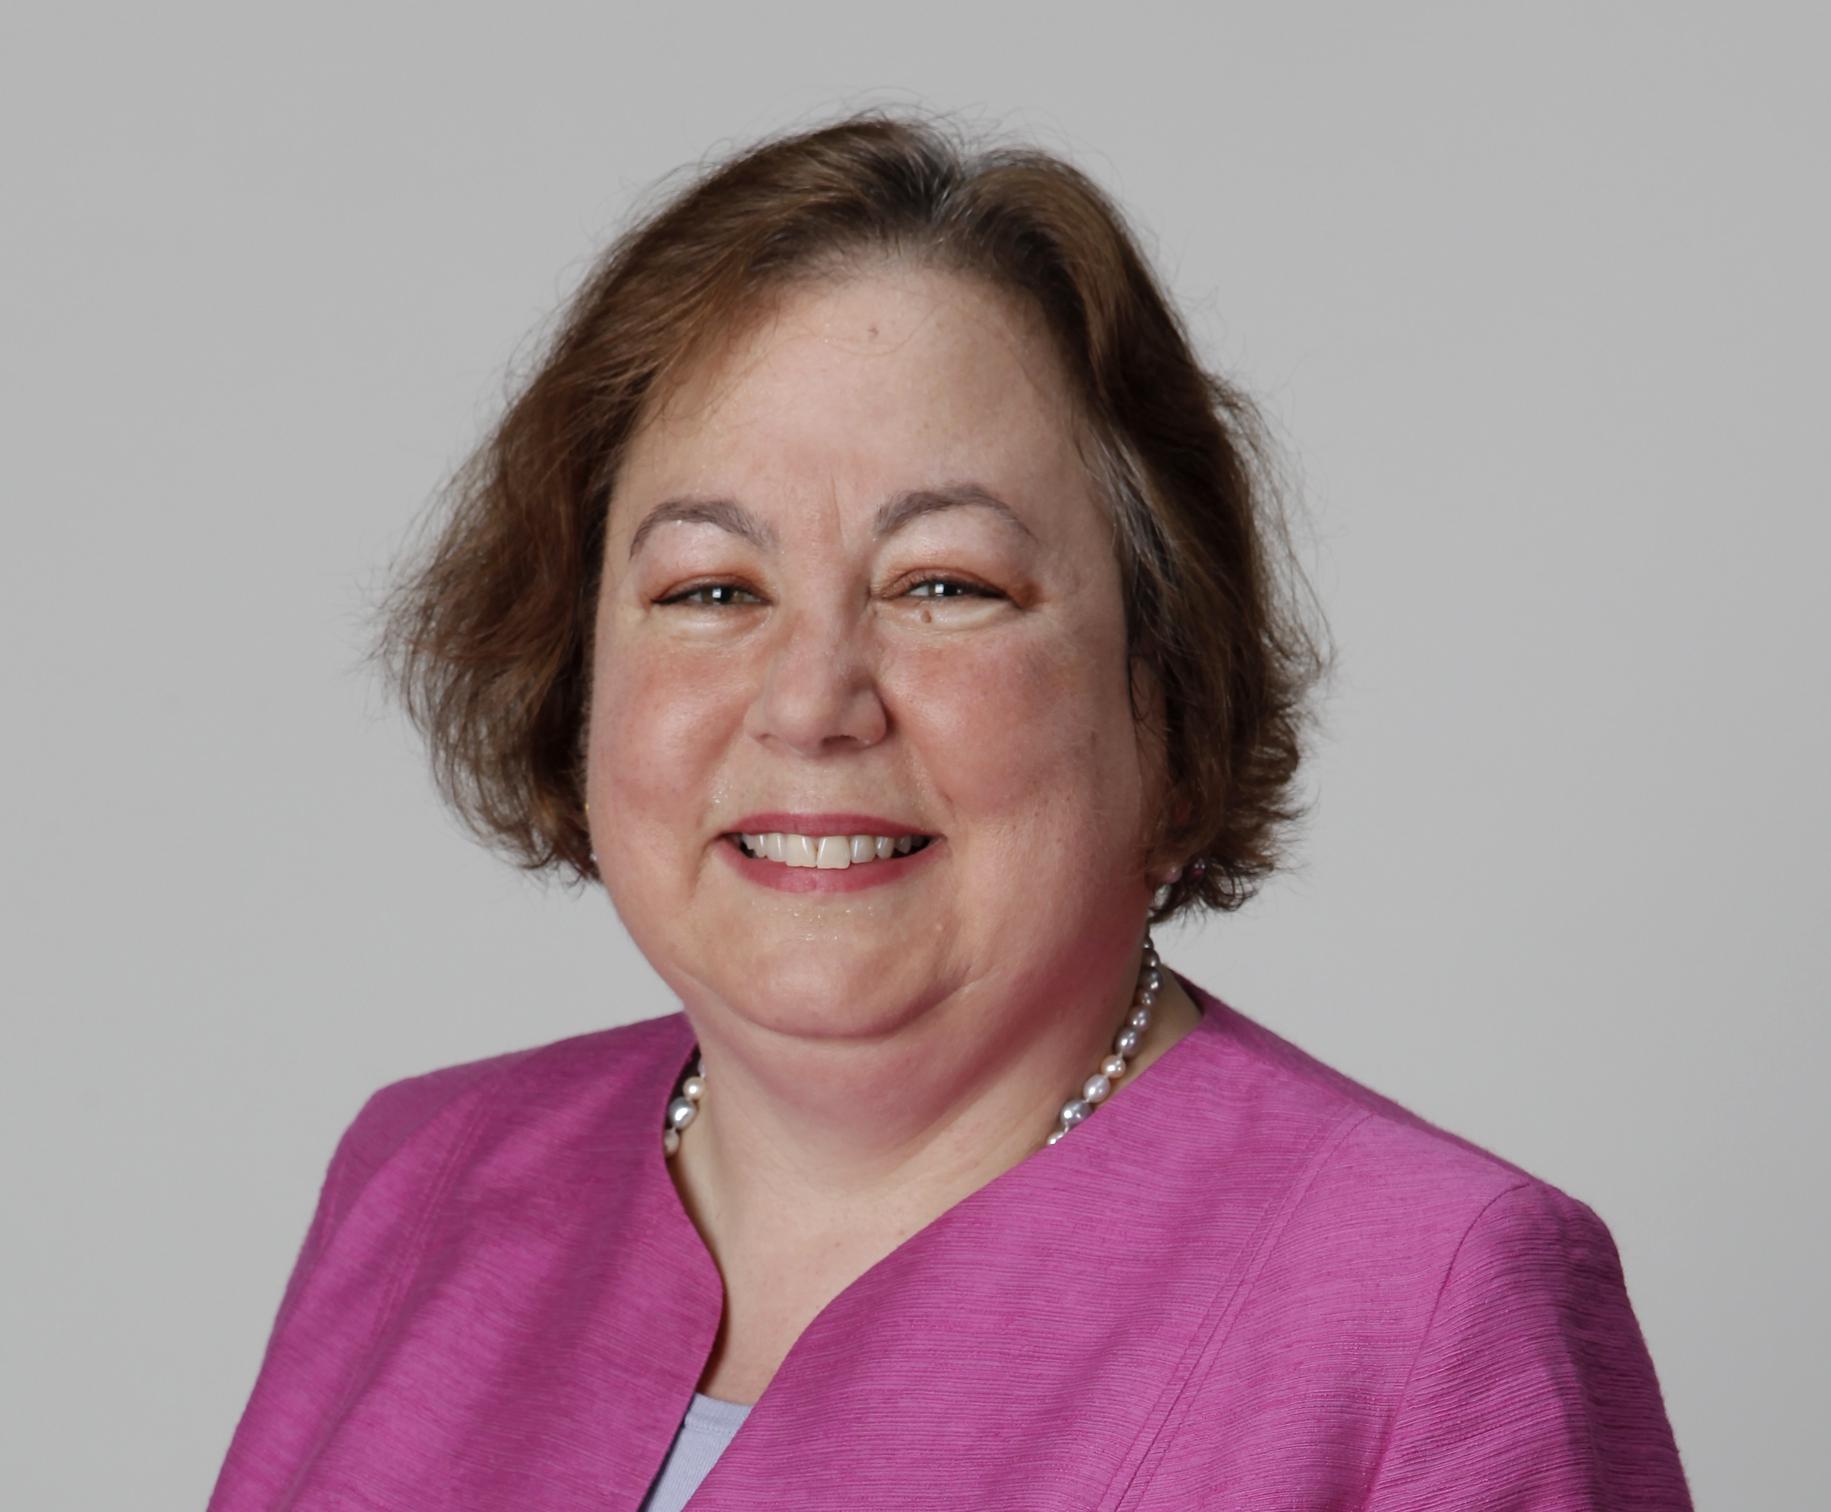 Senator Liz Krueger